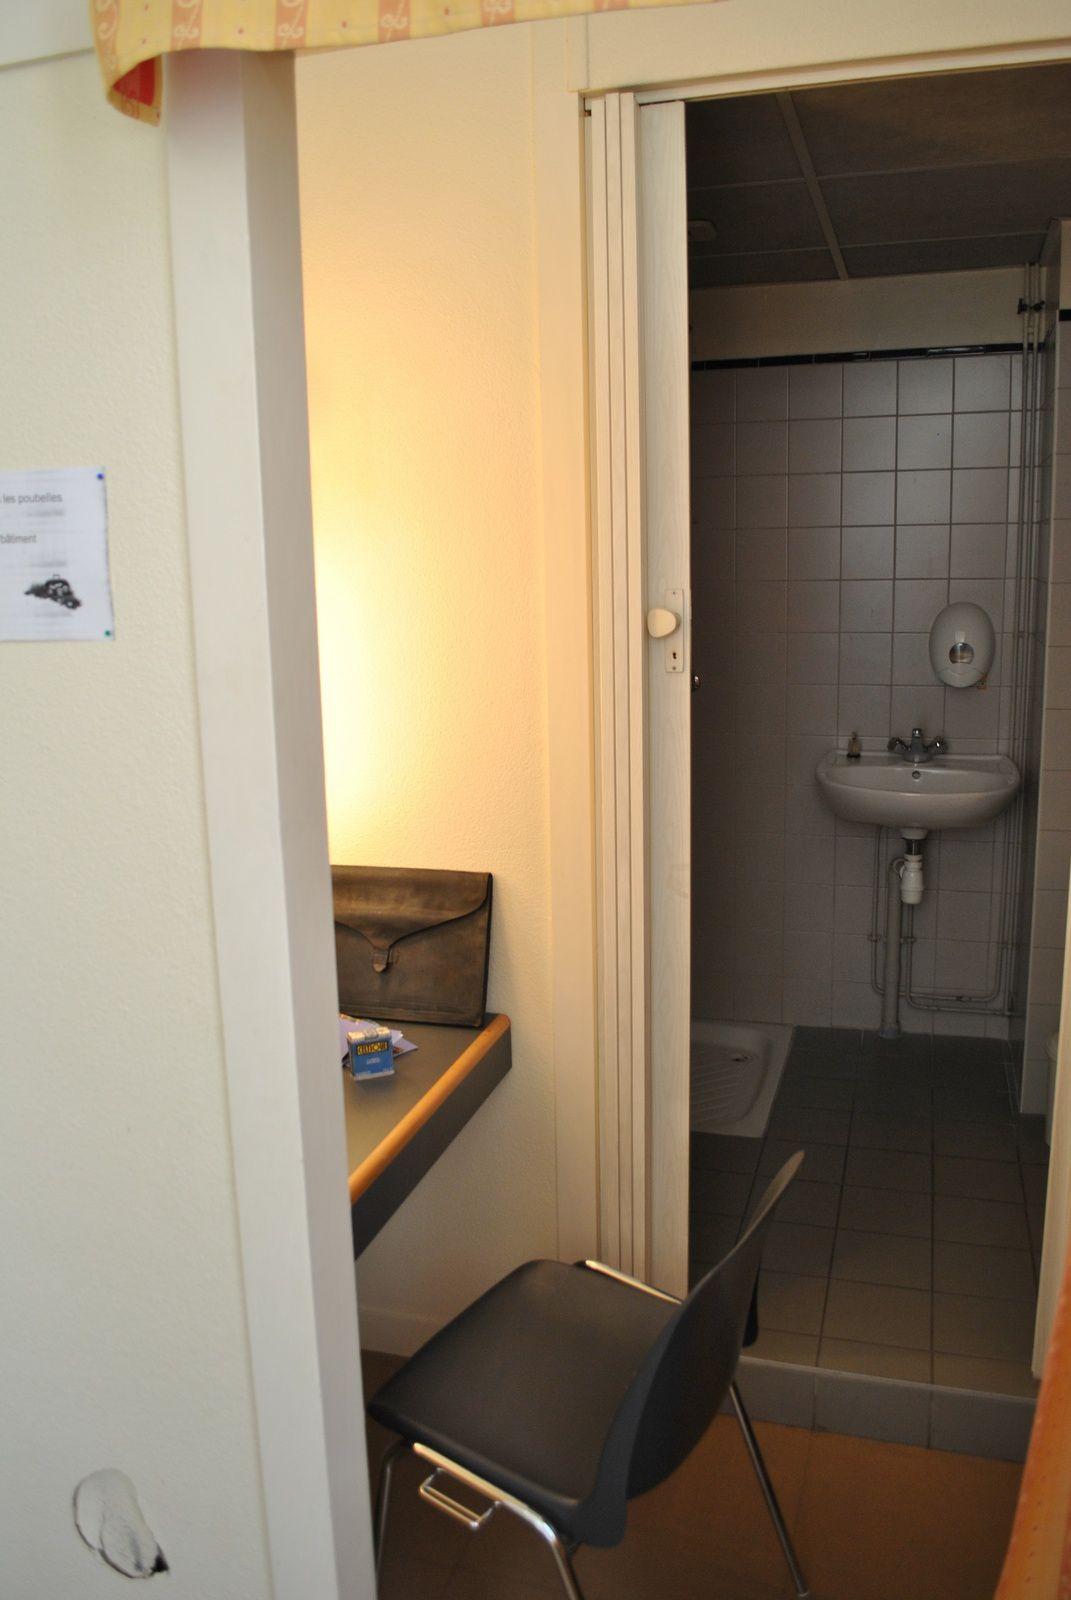 Grand théâtre d'Angers, loge individuellle avec toilette lavabo et douche: (photo prise le 21.09.2014)